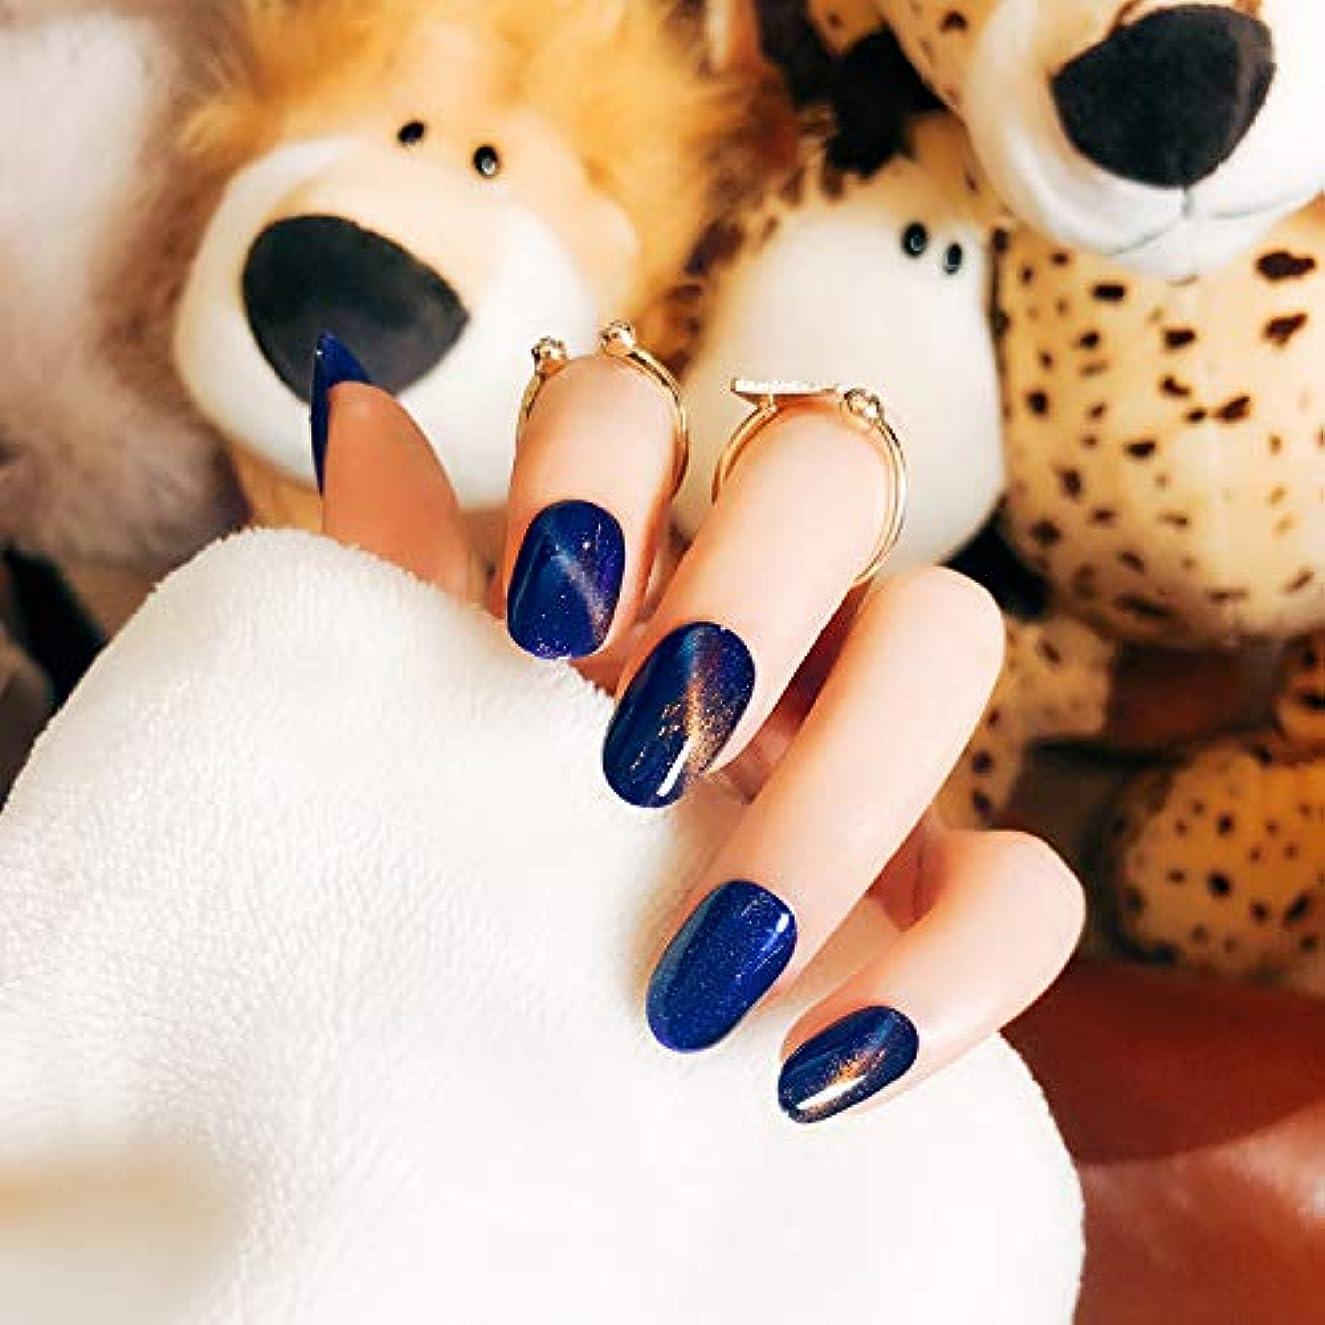 それからコール出会いins人気のある 24個入り ネイルチップ ジェルネイルの光疗法 無地ネイルチップ 猫目石 手作りネイルアートチップ (ブルー)